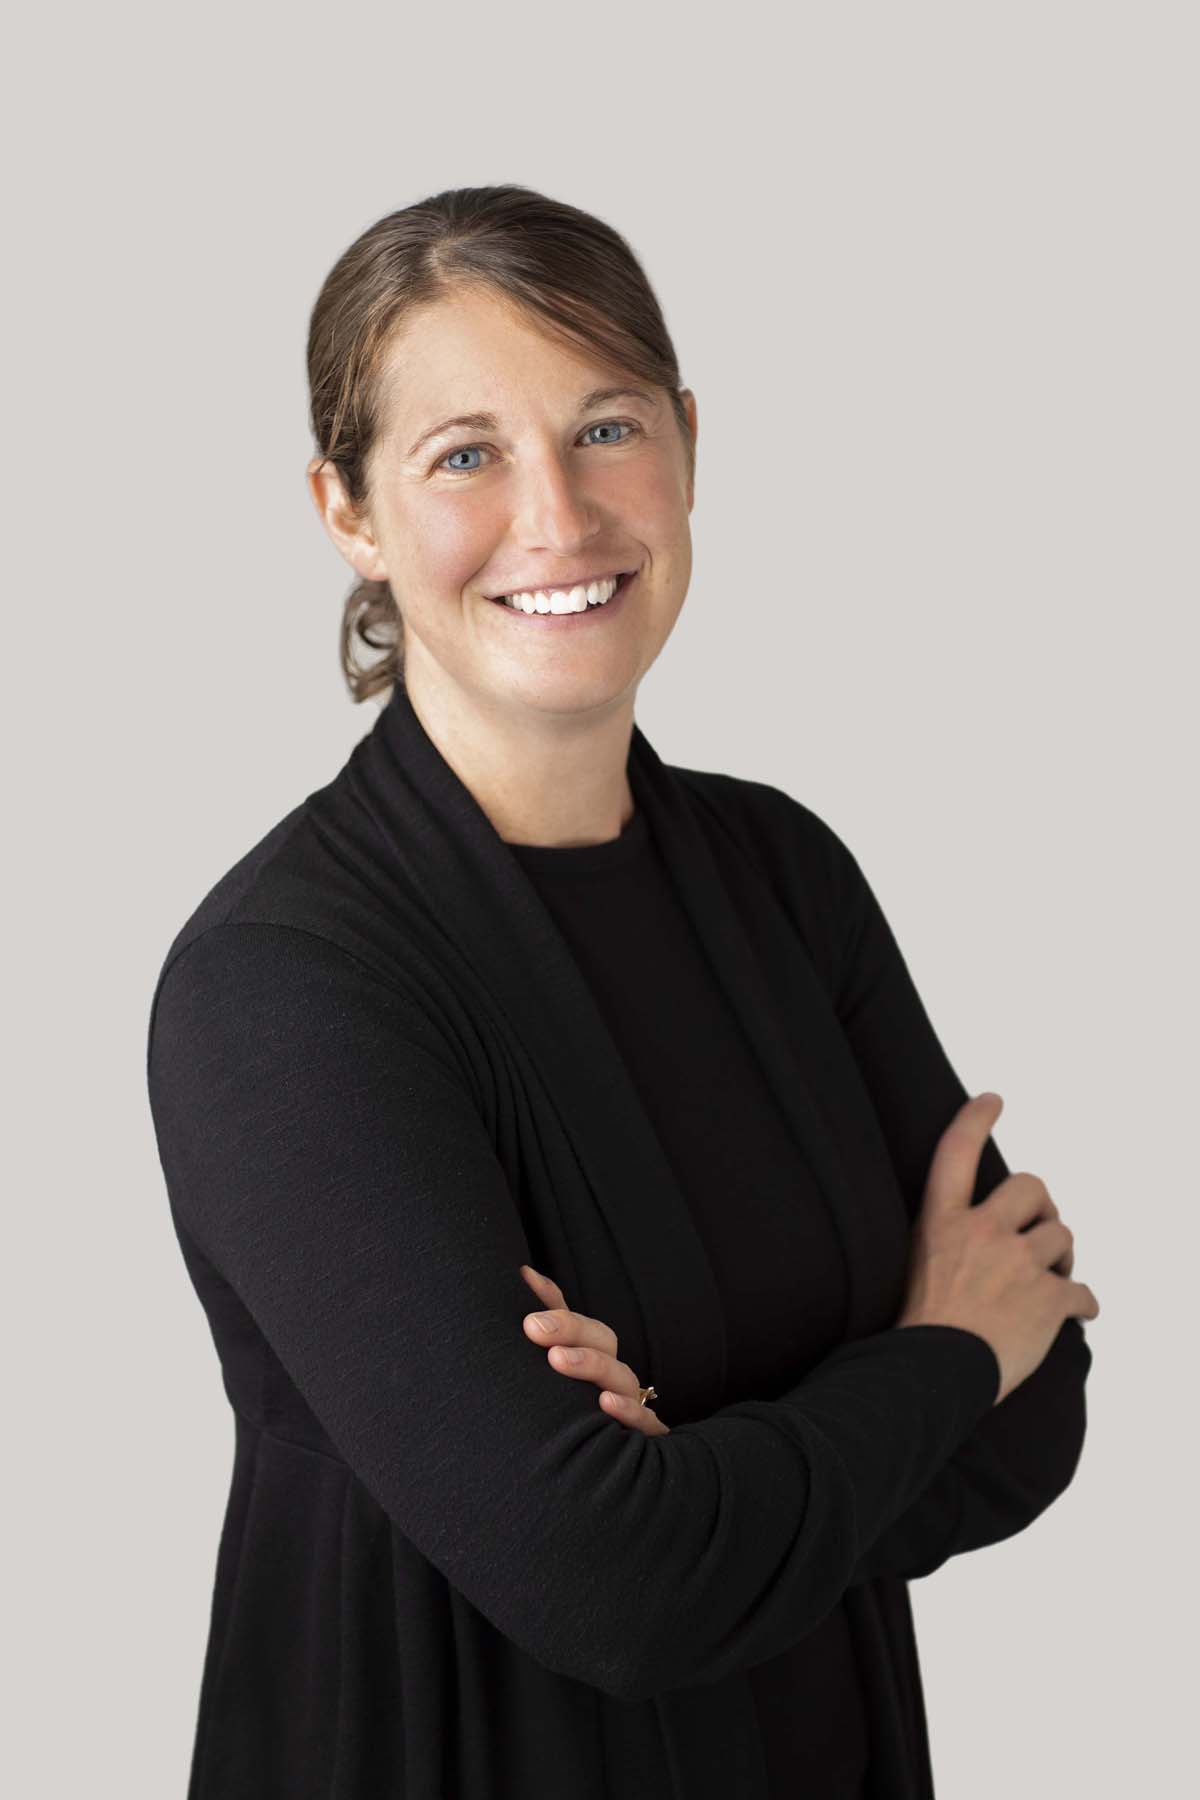 Nikki Bicknell